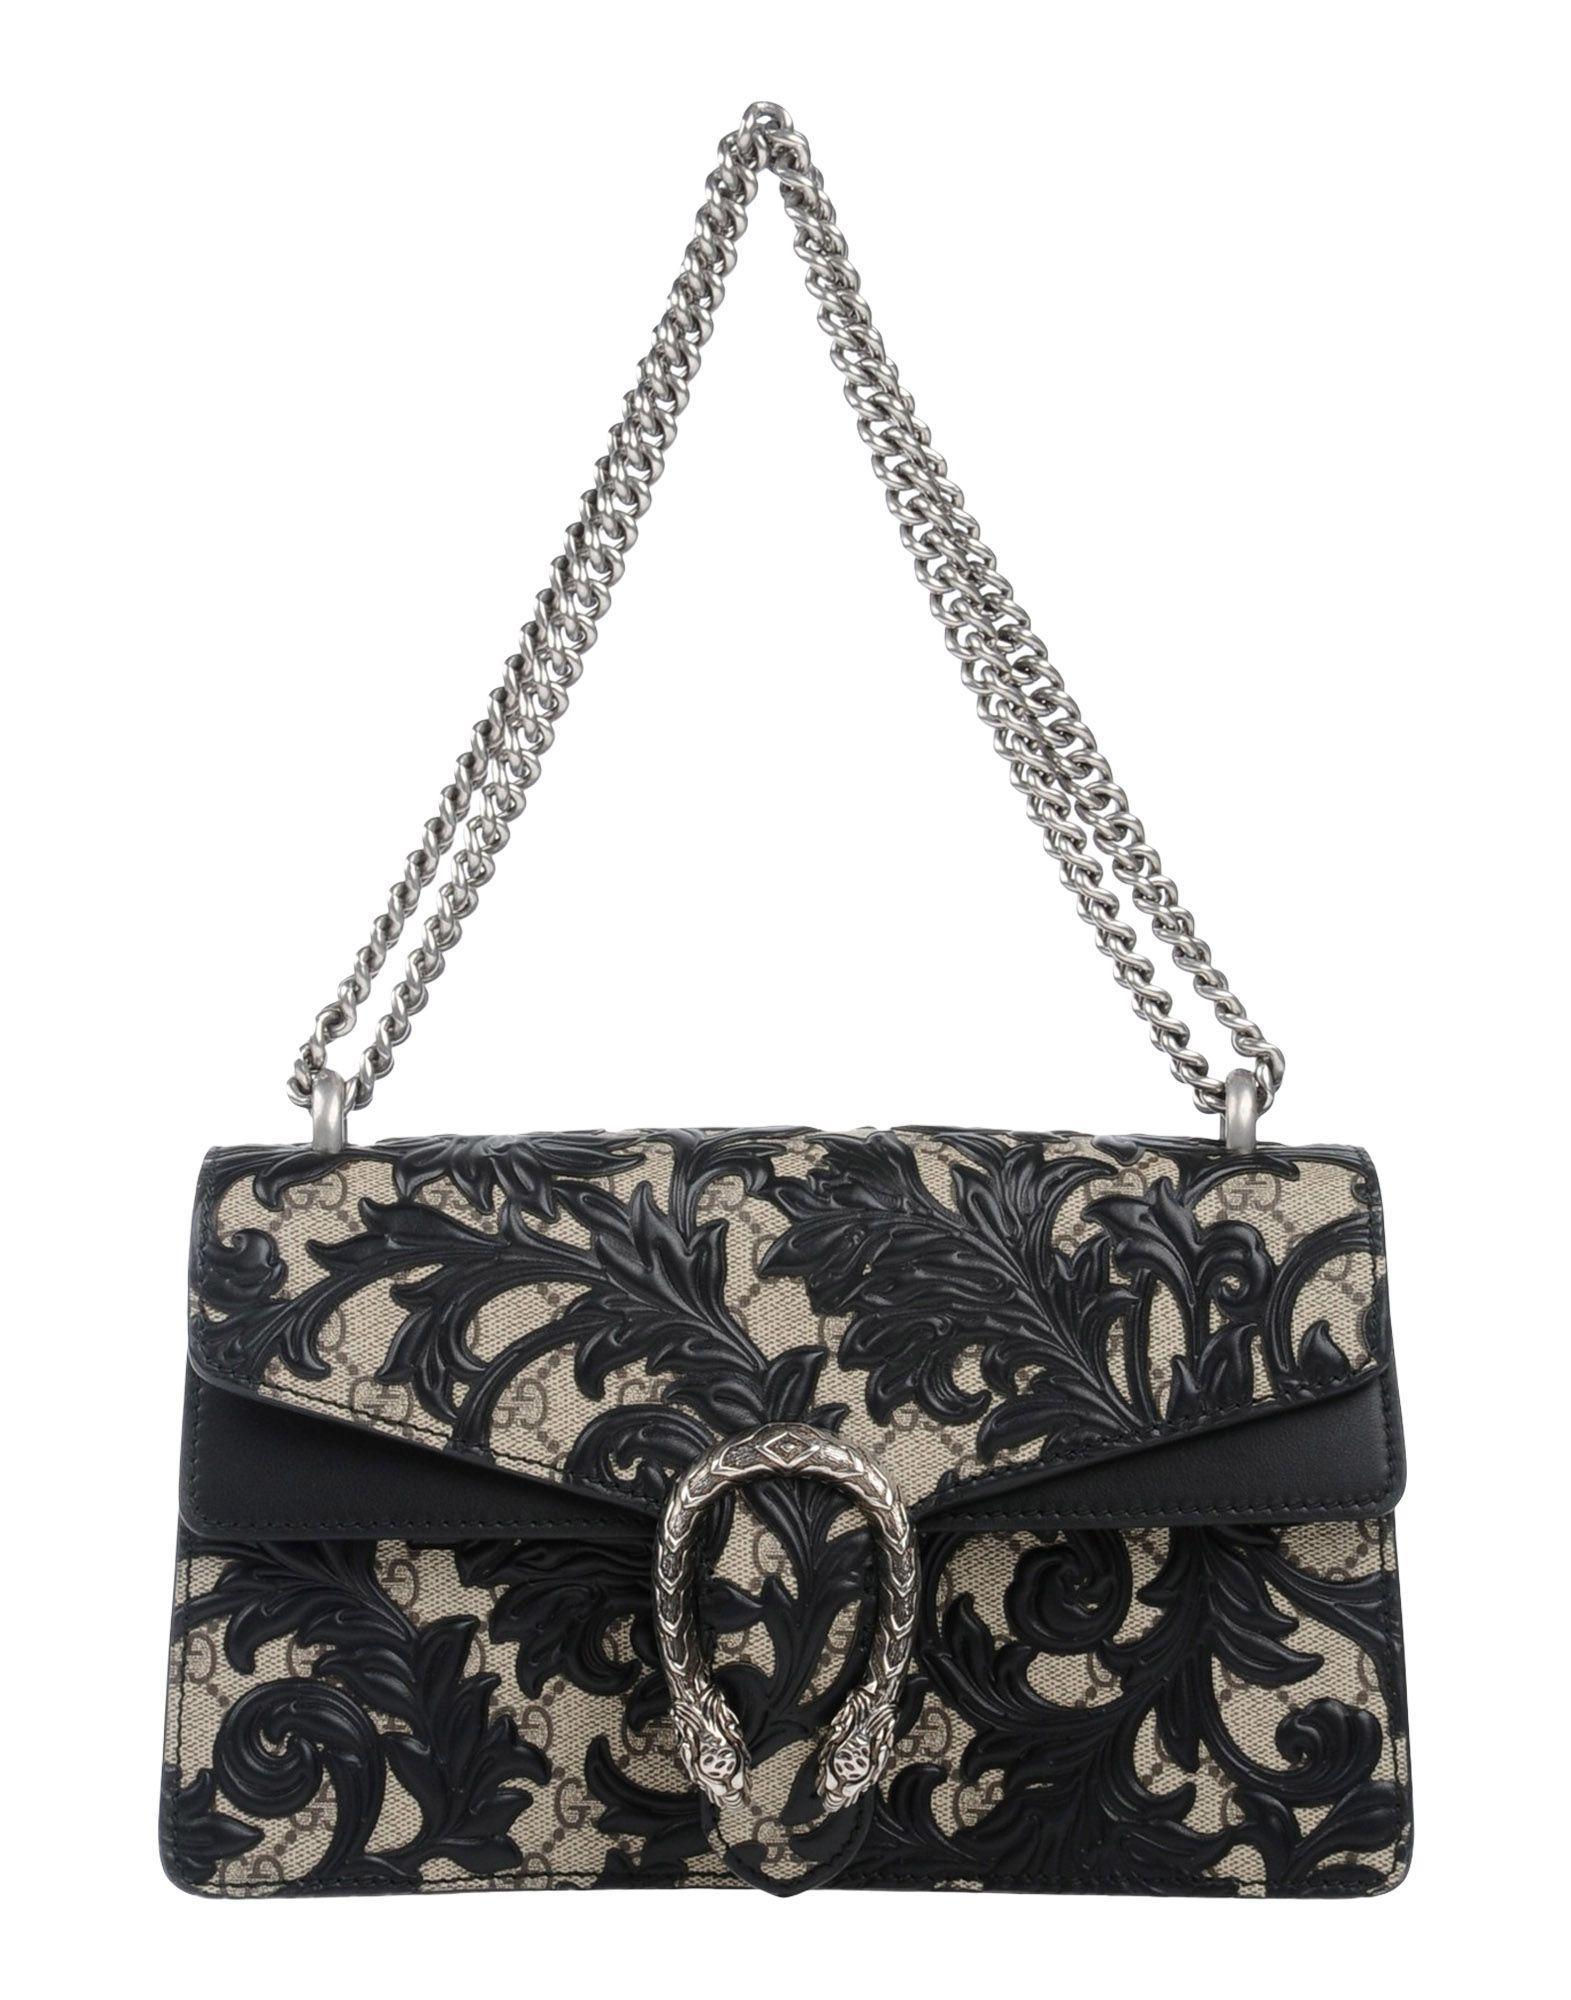 Gucci Handbags In Black